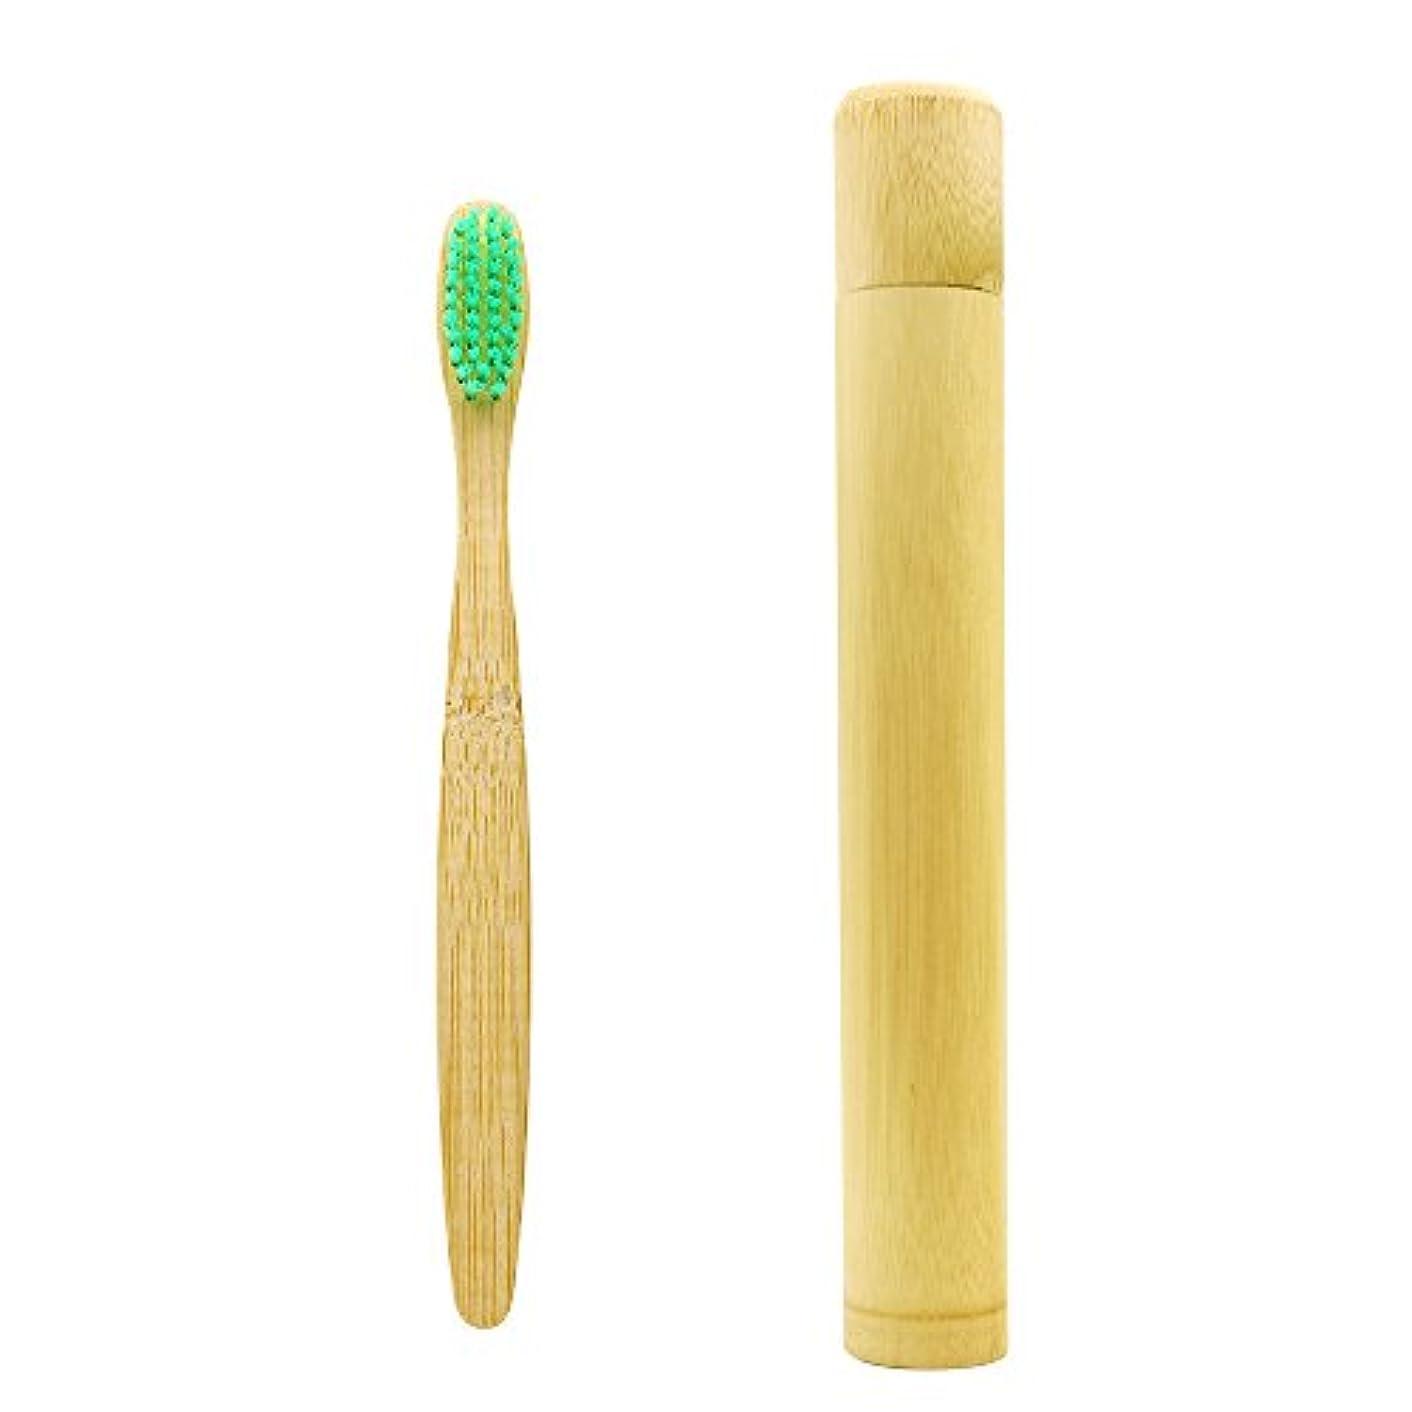 スリッパ逸脱陽気なN-amboo 歯ブラシ ケース付き 竹製 高耐久性 出張旅行携帯便利 エコ